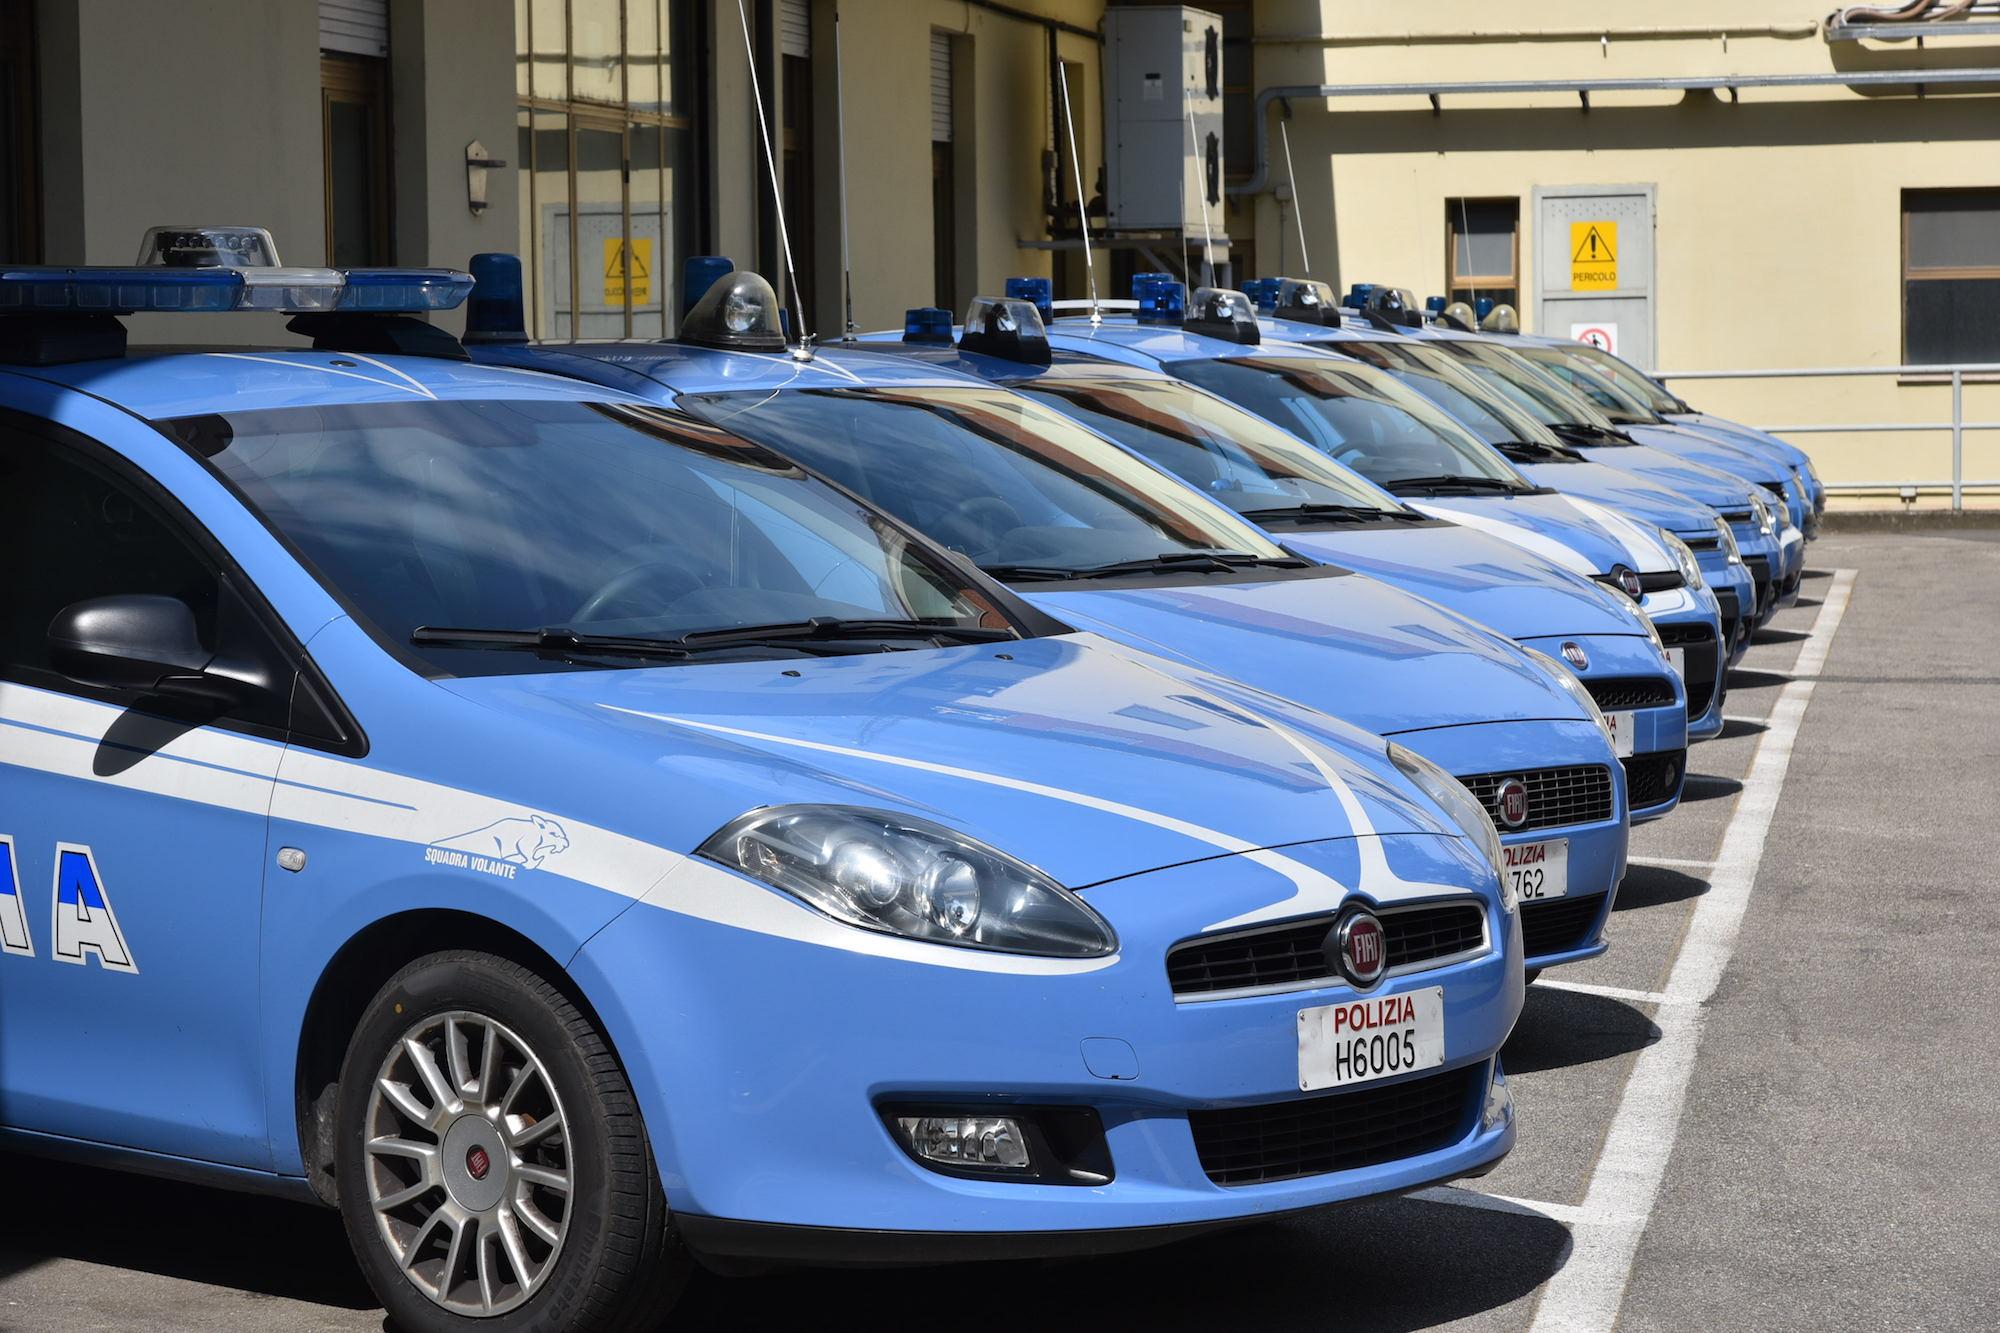 La polizia celebra i 40 anni della legge di riforma